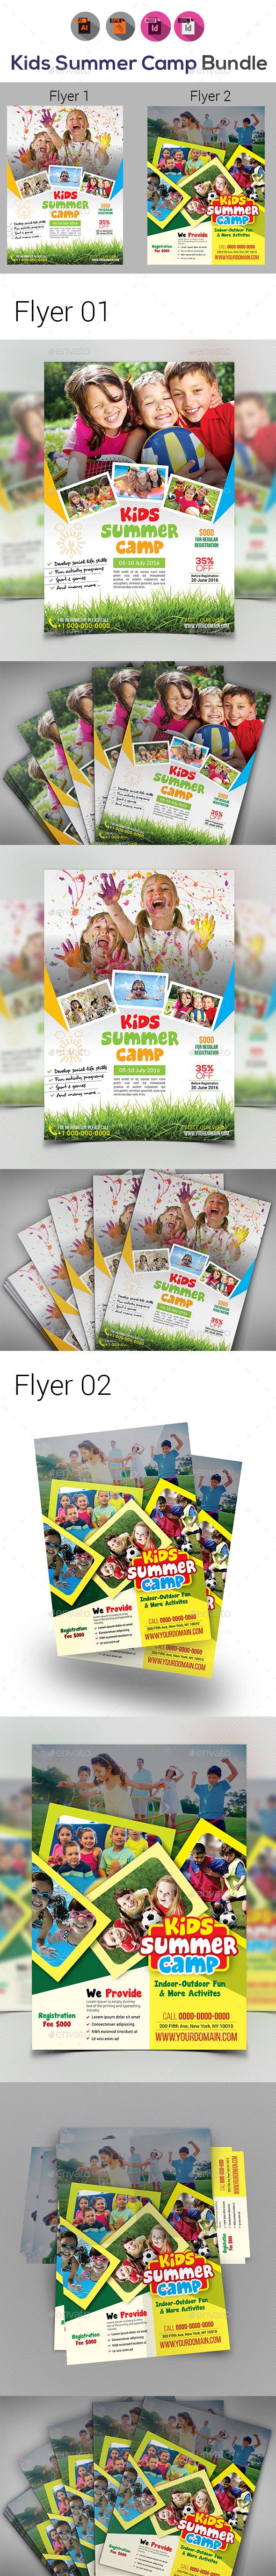 Kids Activities Flyer Bundle - Corporate Flyers